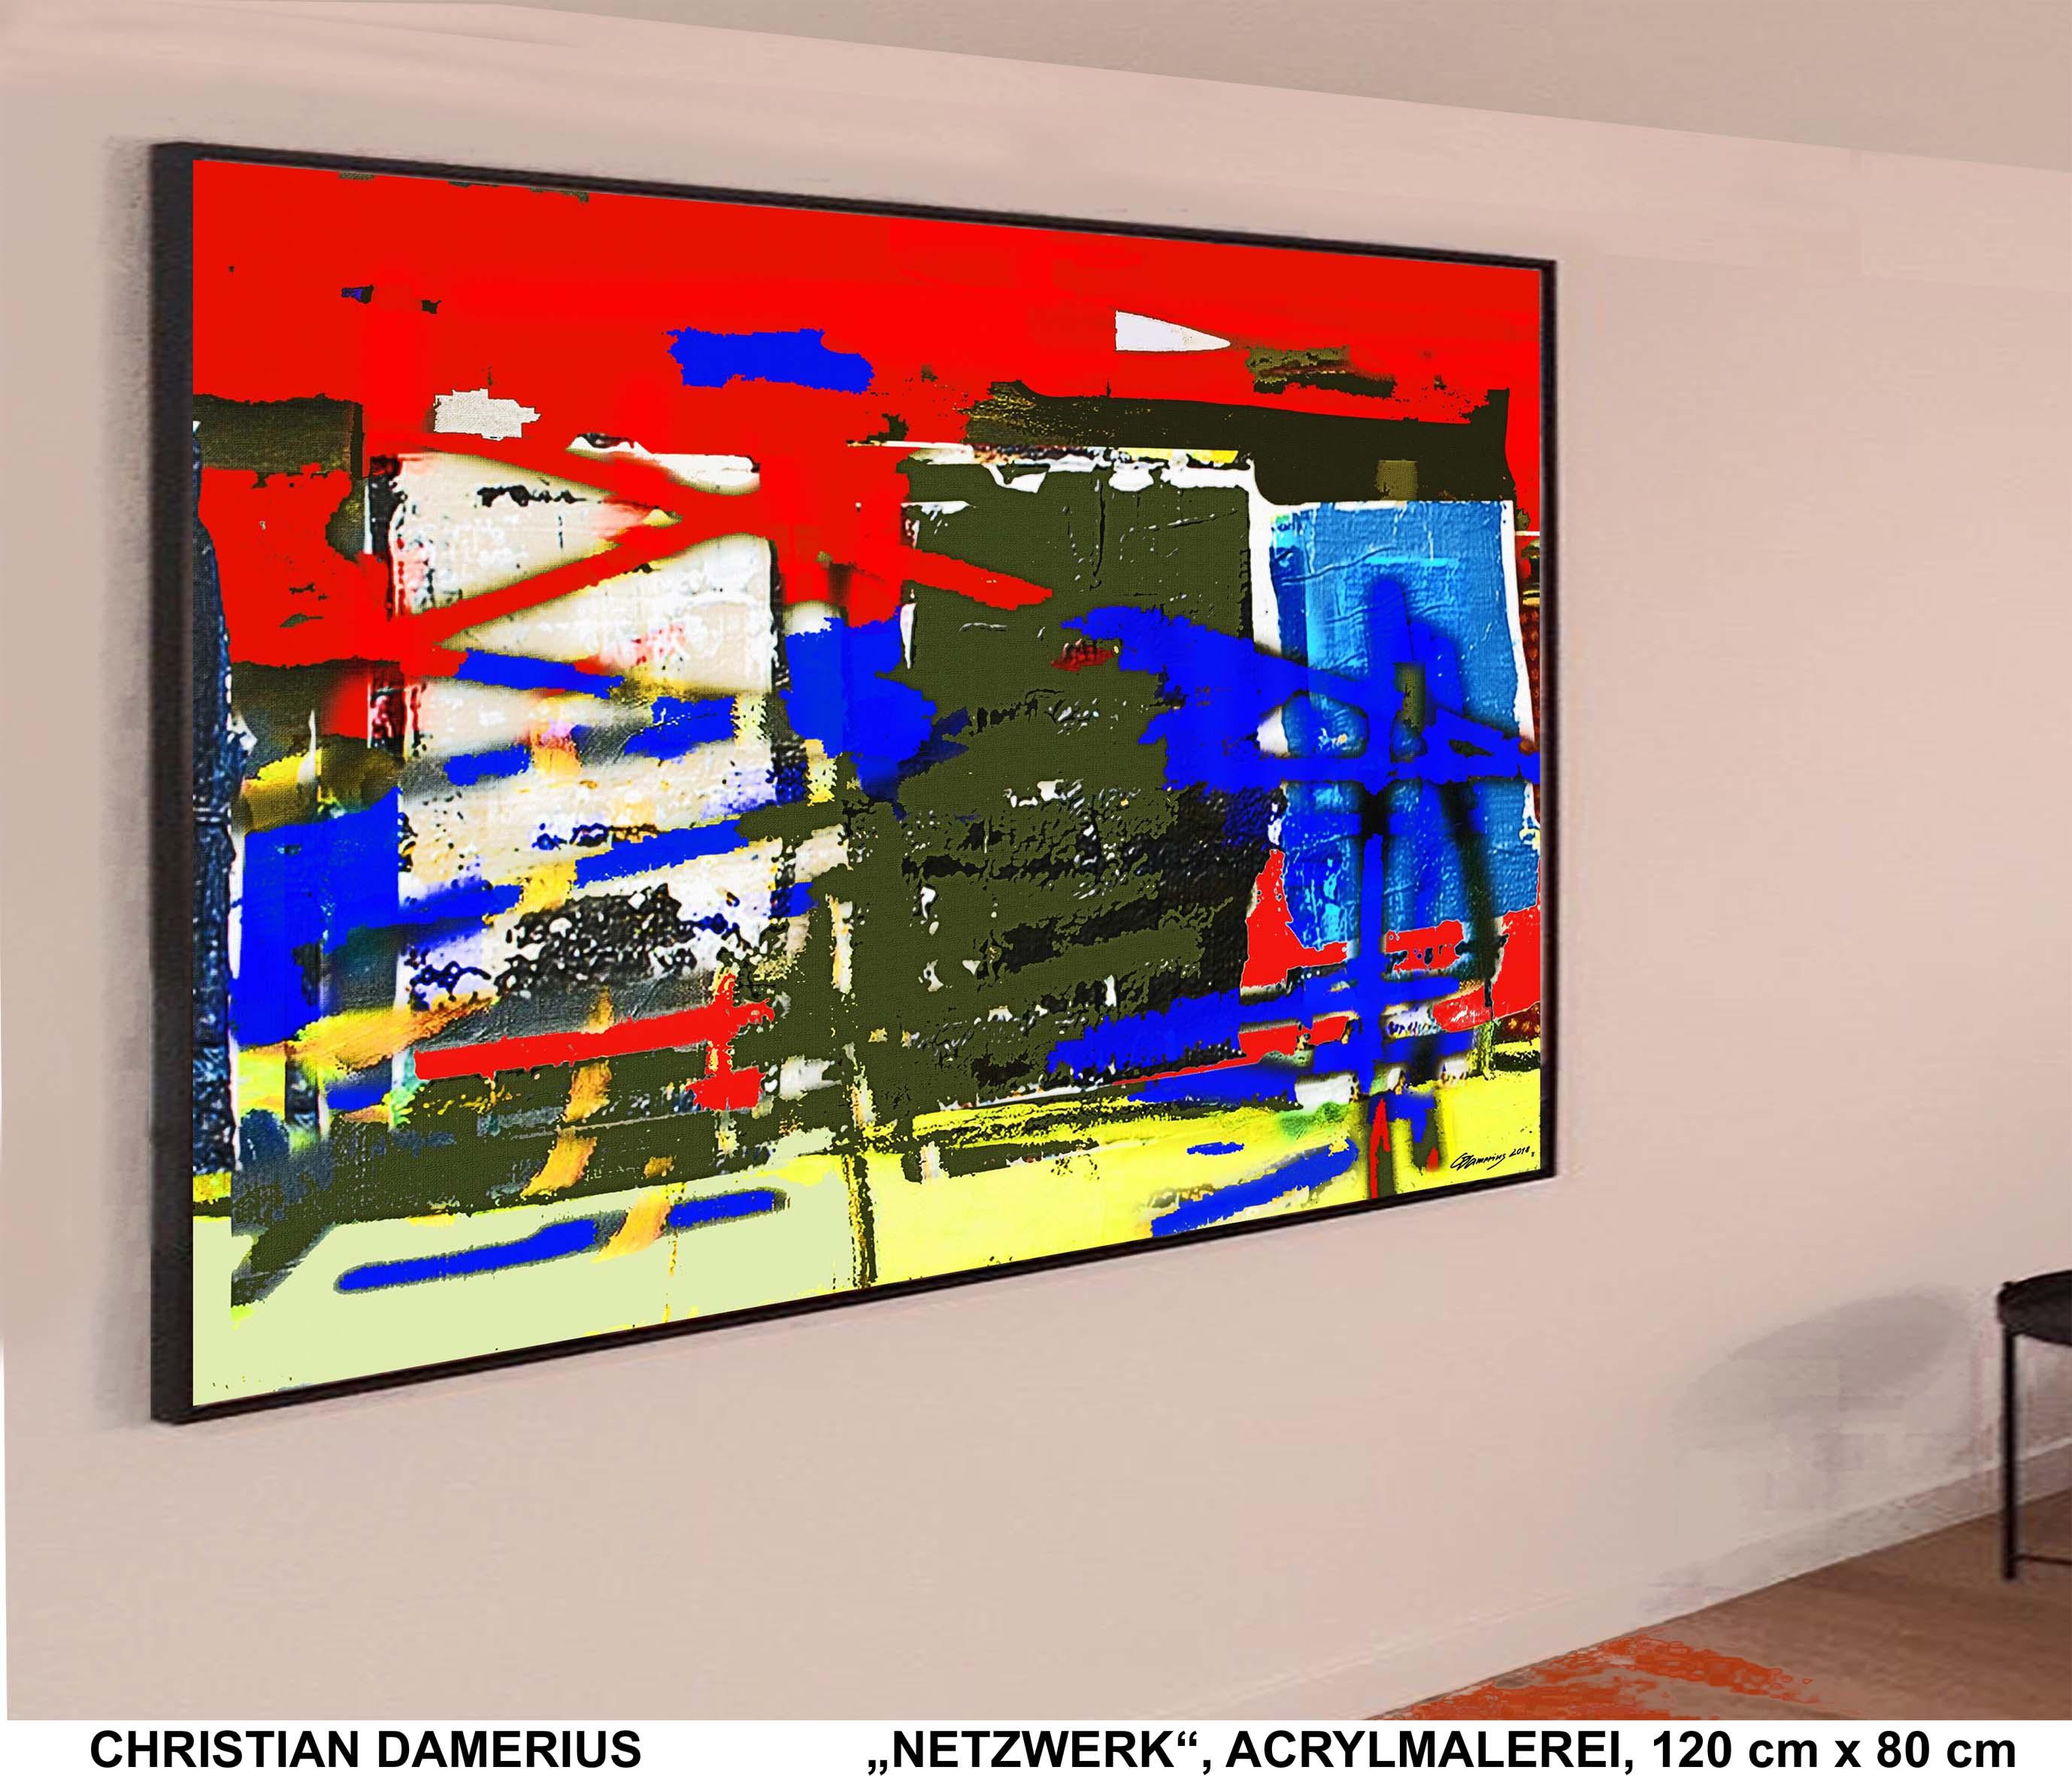 netzwerk,christian damerius,moderne deutsche malerei,kunst,abstrakte malerei,abstraktion,Beispiele Wand- und Raumgestaltung mit bildern,HAMBURGER AUFTRAGSMALEREI, AUFTRAGSBILDER IN HAMBURG BESTELLEN,AUFTRAGSKUNST IN GELB,BLAU,GRÜN,ROT,WEISS,SCHWARZ,KUNSTDRUCK DAMERIUS,HAMBURG, MODERNE LANDSCHAFTSMALEREI,bilder,gemälde,kunstdrucke für wohnzimmer,büros,arbeitsplätze,gerahmte kunstdrucke,gemälde,